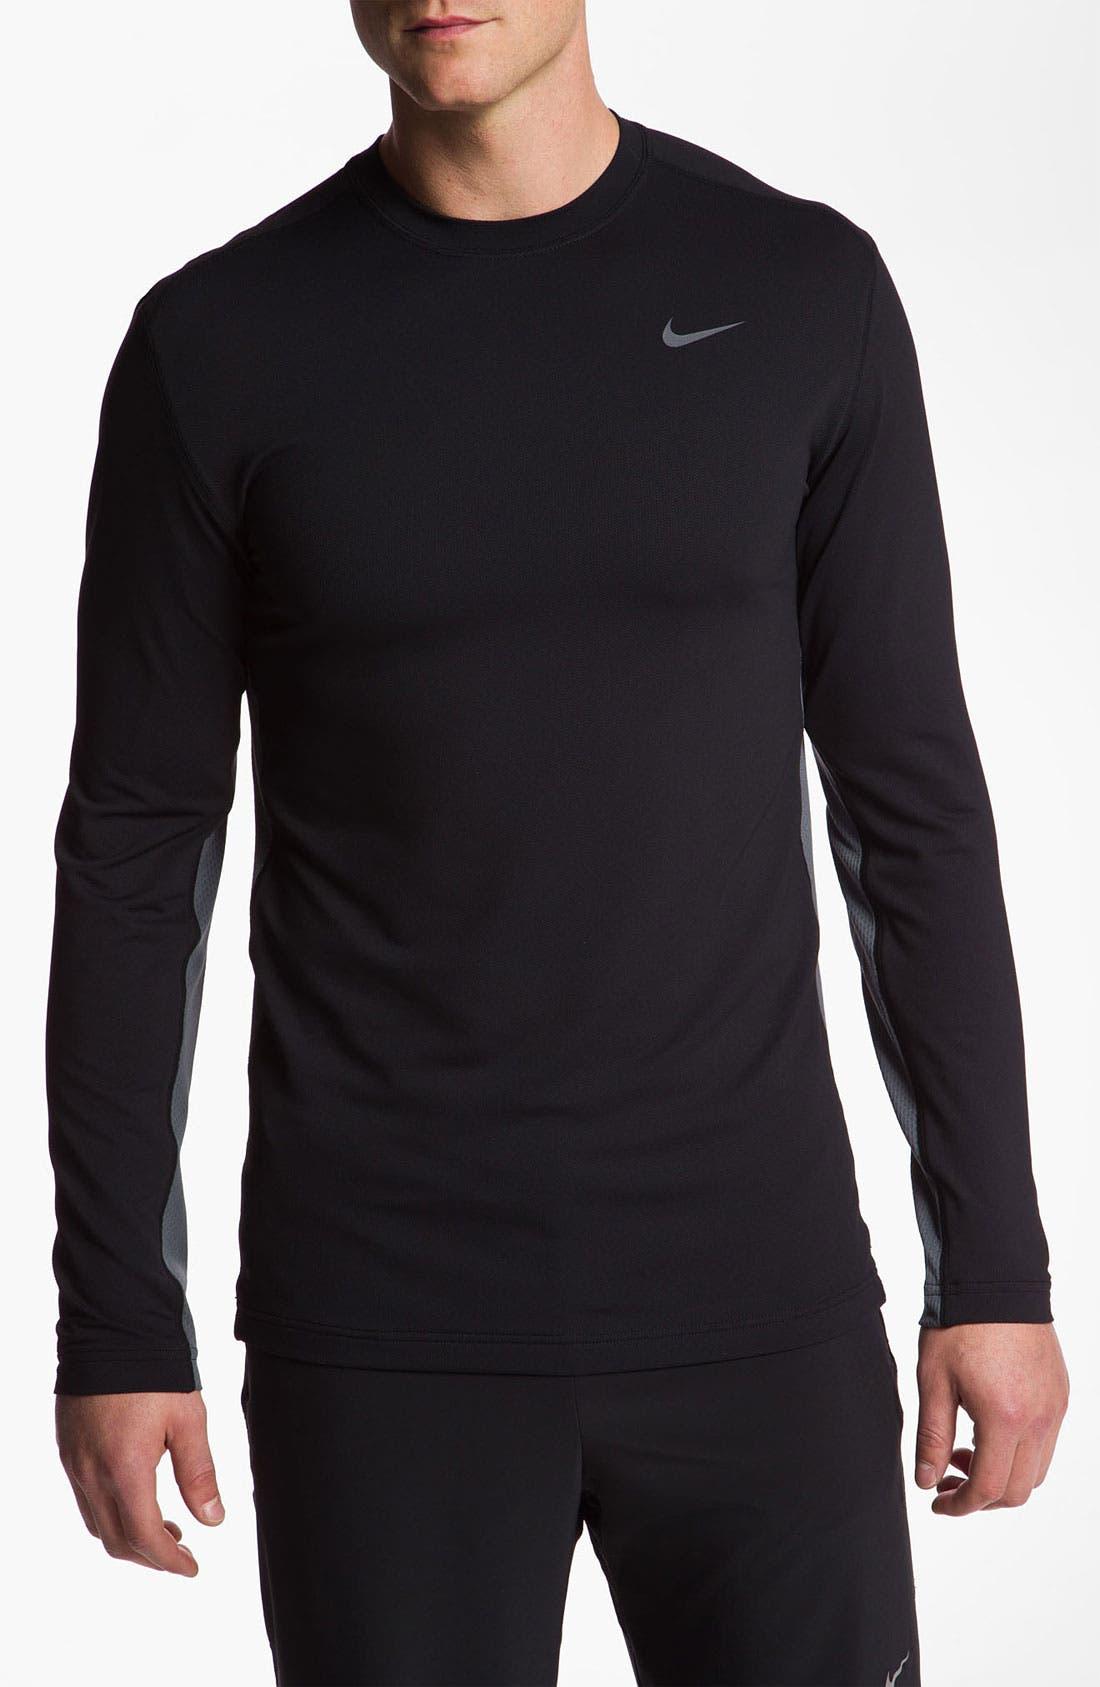 Alternate Image 1 Selected - Nike 'Edge' Dri-FIT Top